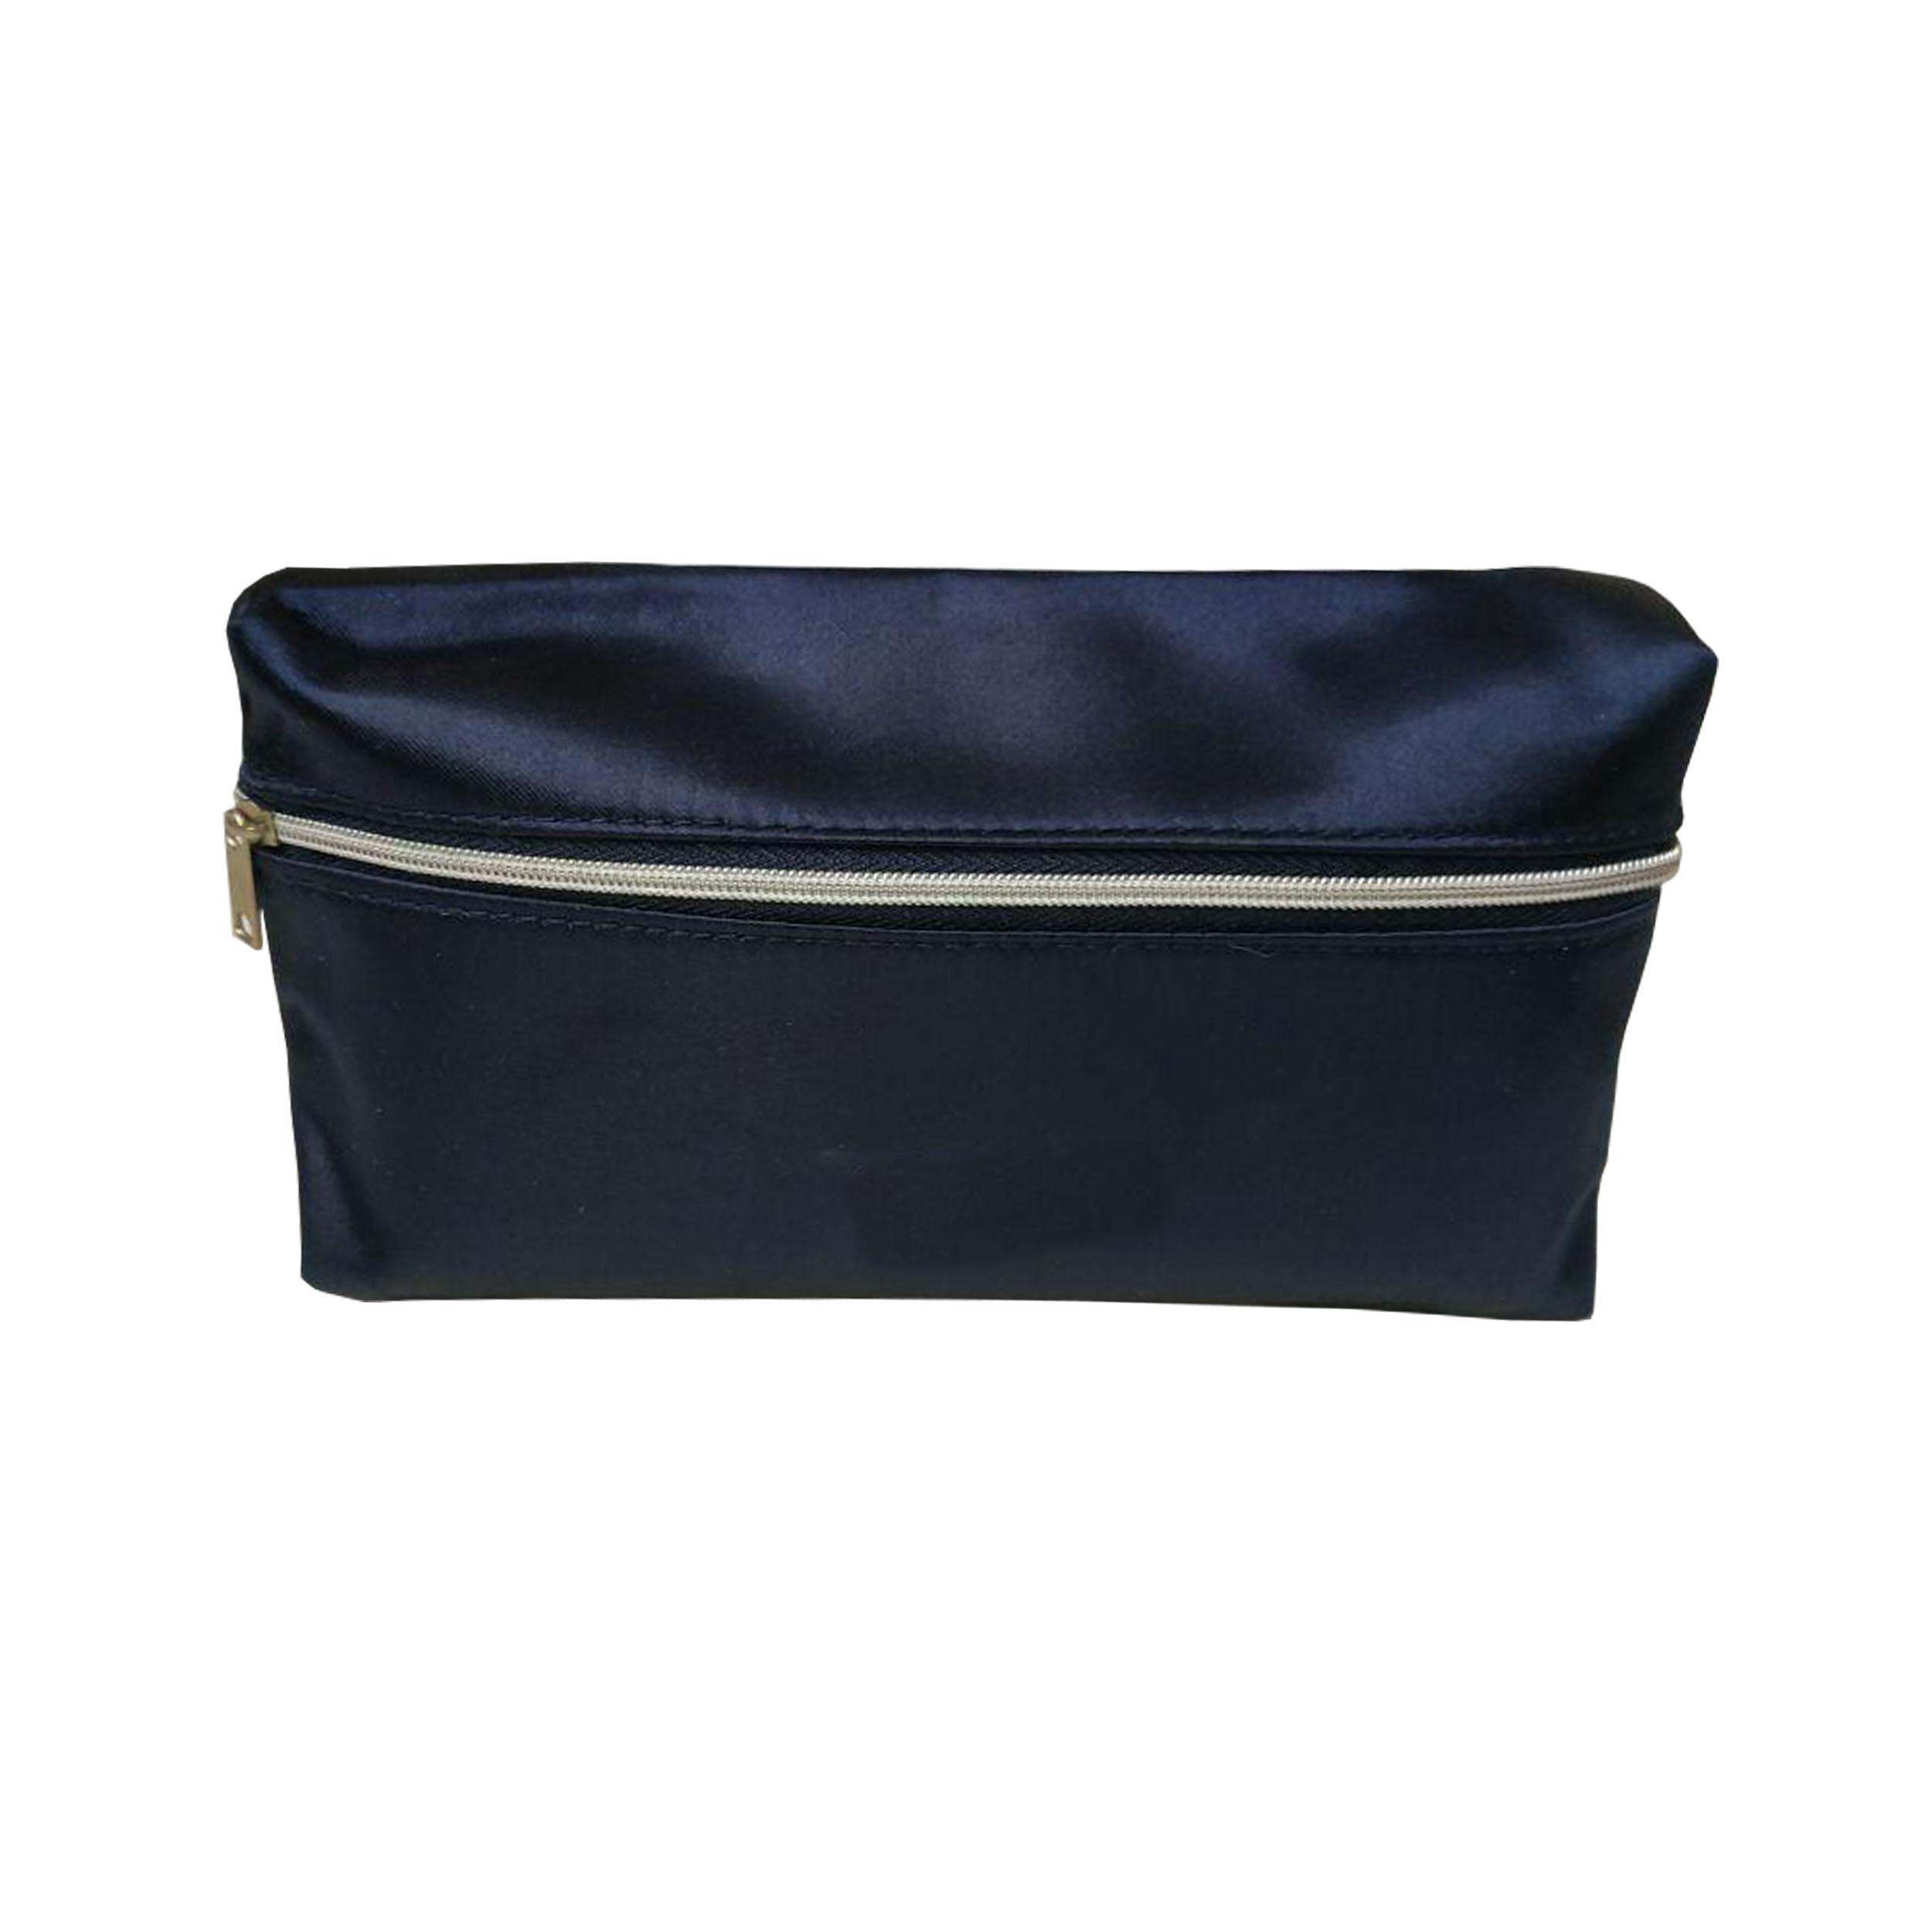 کیف لوازم شخصی کد 0098